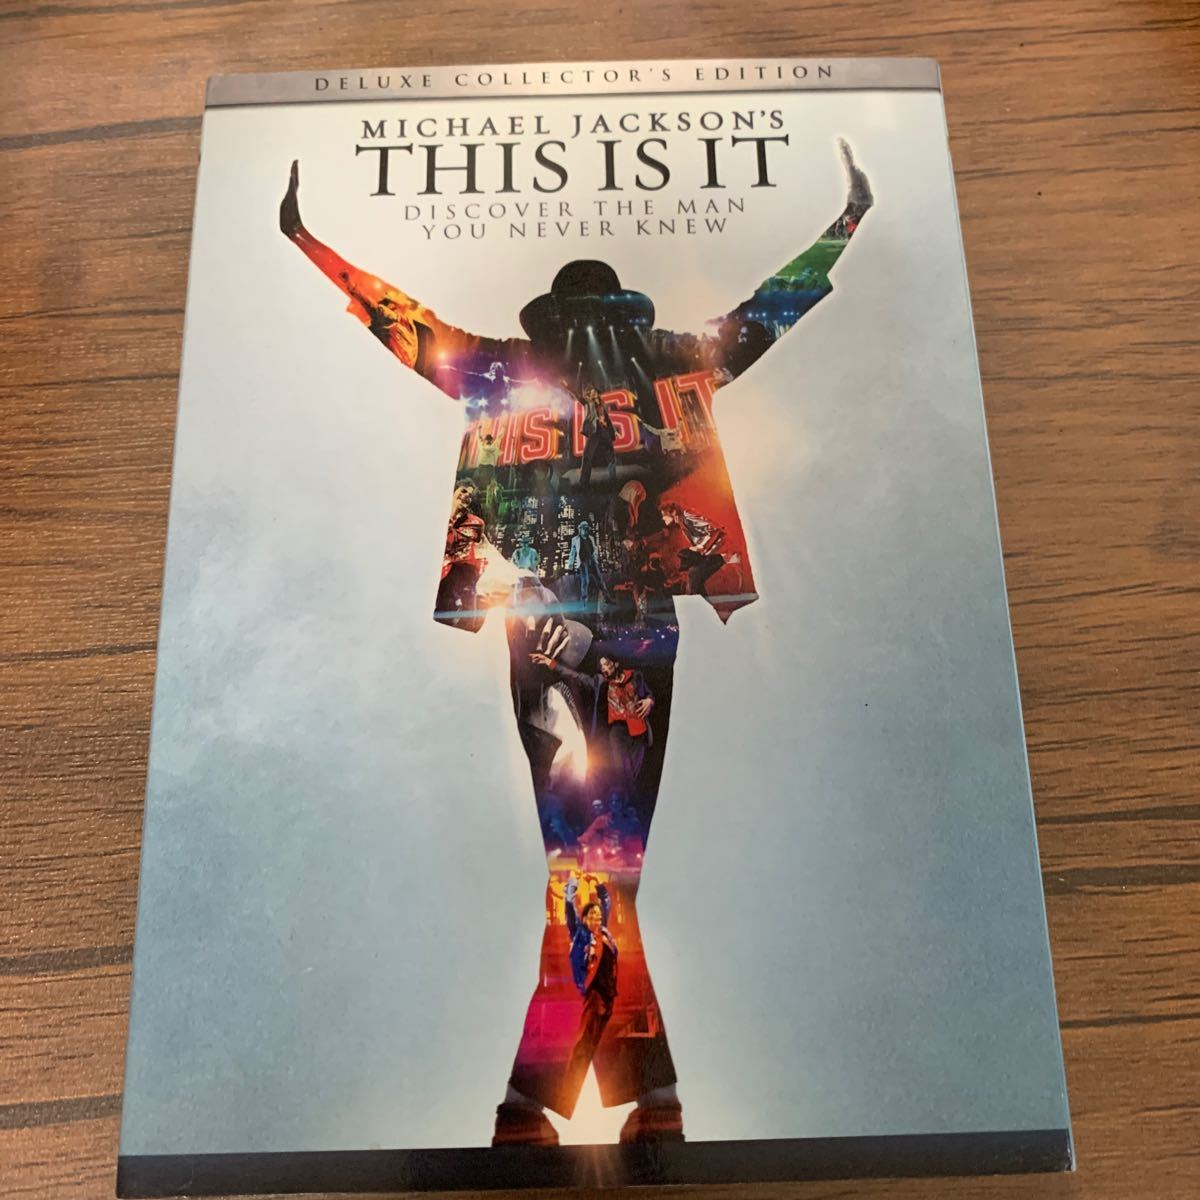 マイケルジャクソン/THIS IS IT デラックス・コレクターズ・エディション